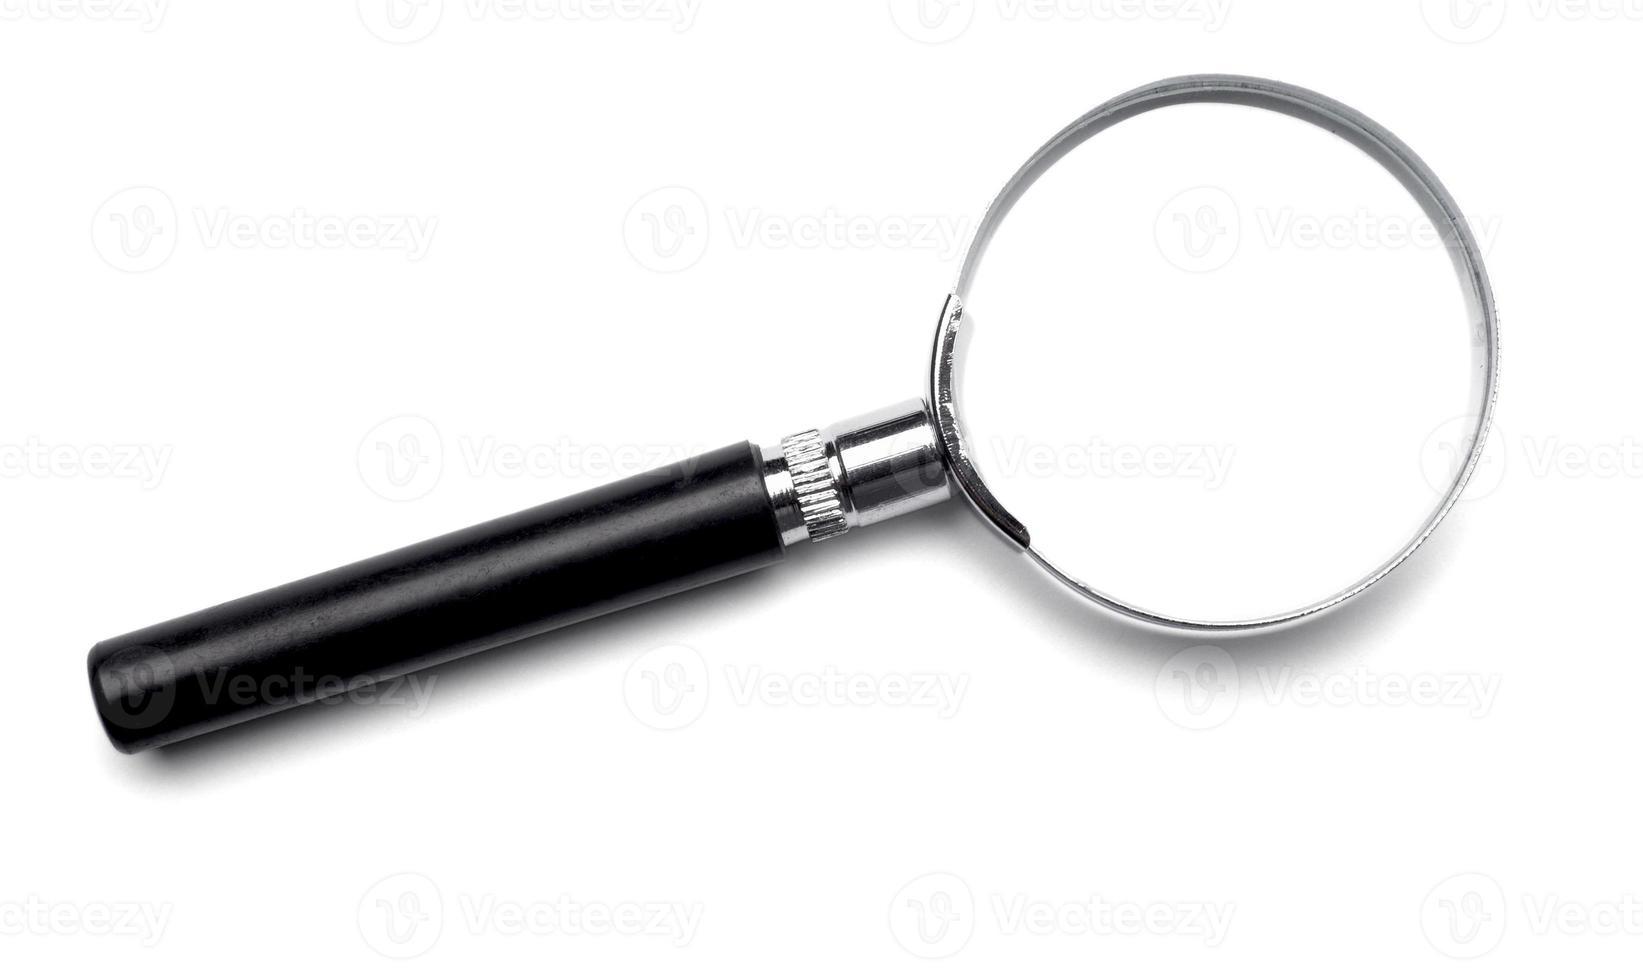 loupe enquête recherche agrandir recherche photo